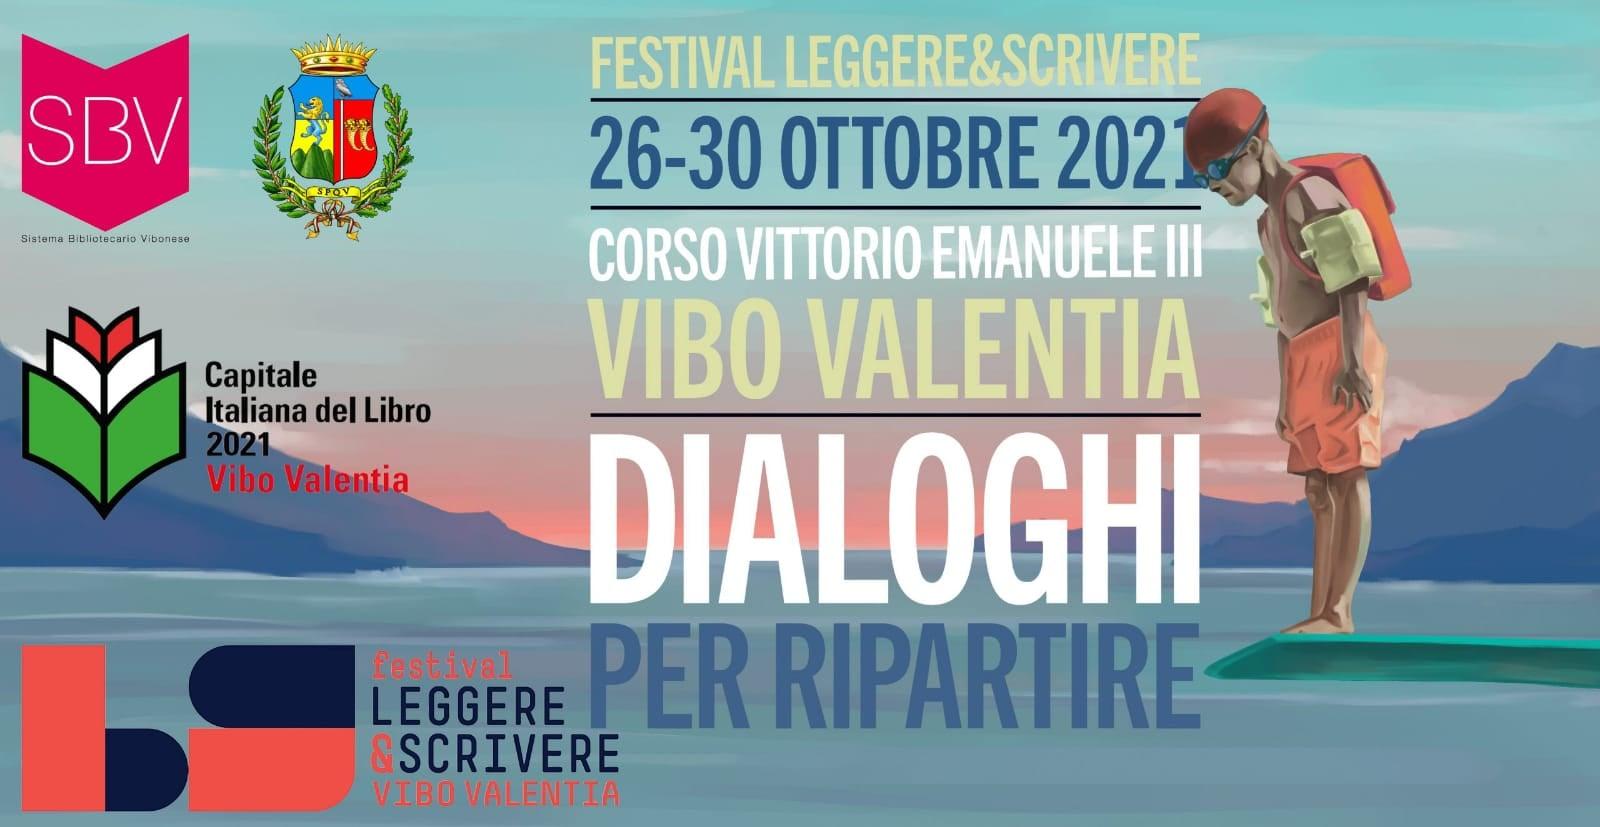 Leggere&Scrivere: dal 26 al 30 ottobre torna a Vibo Valentia il festival della letteratura